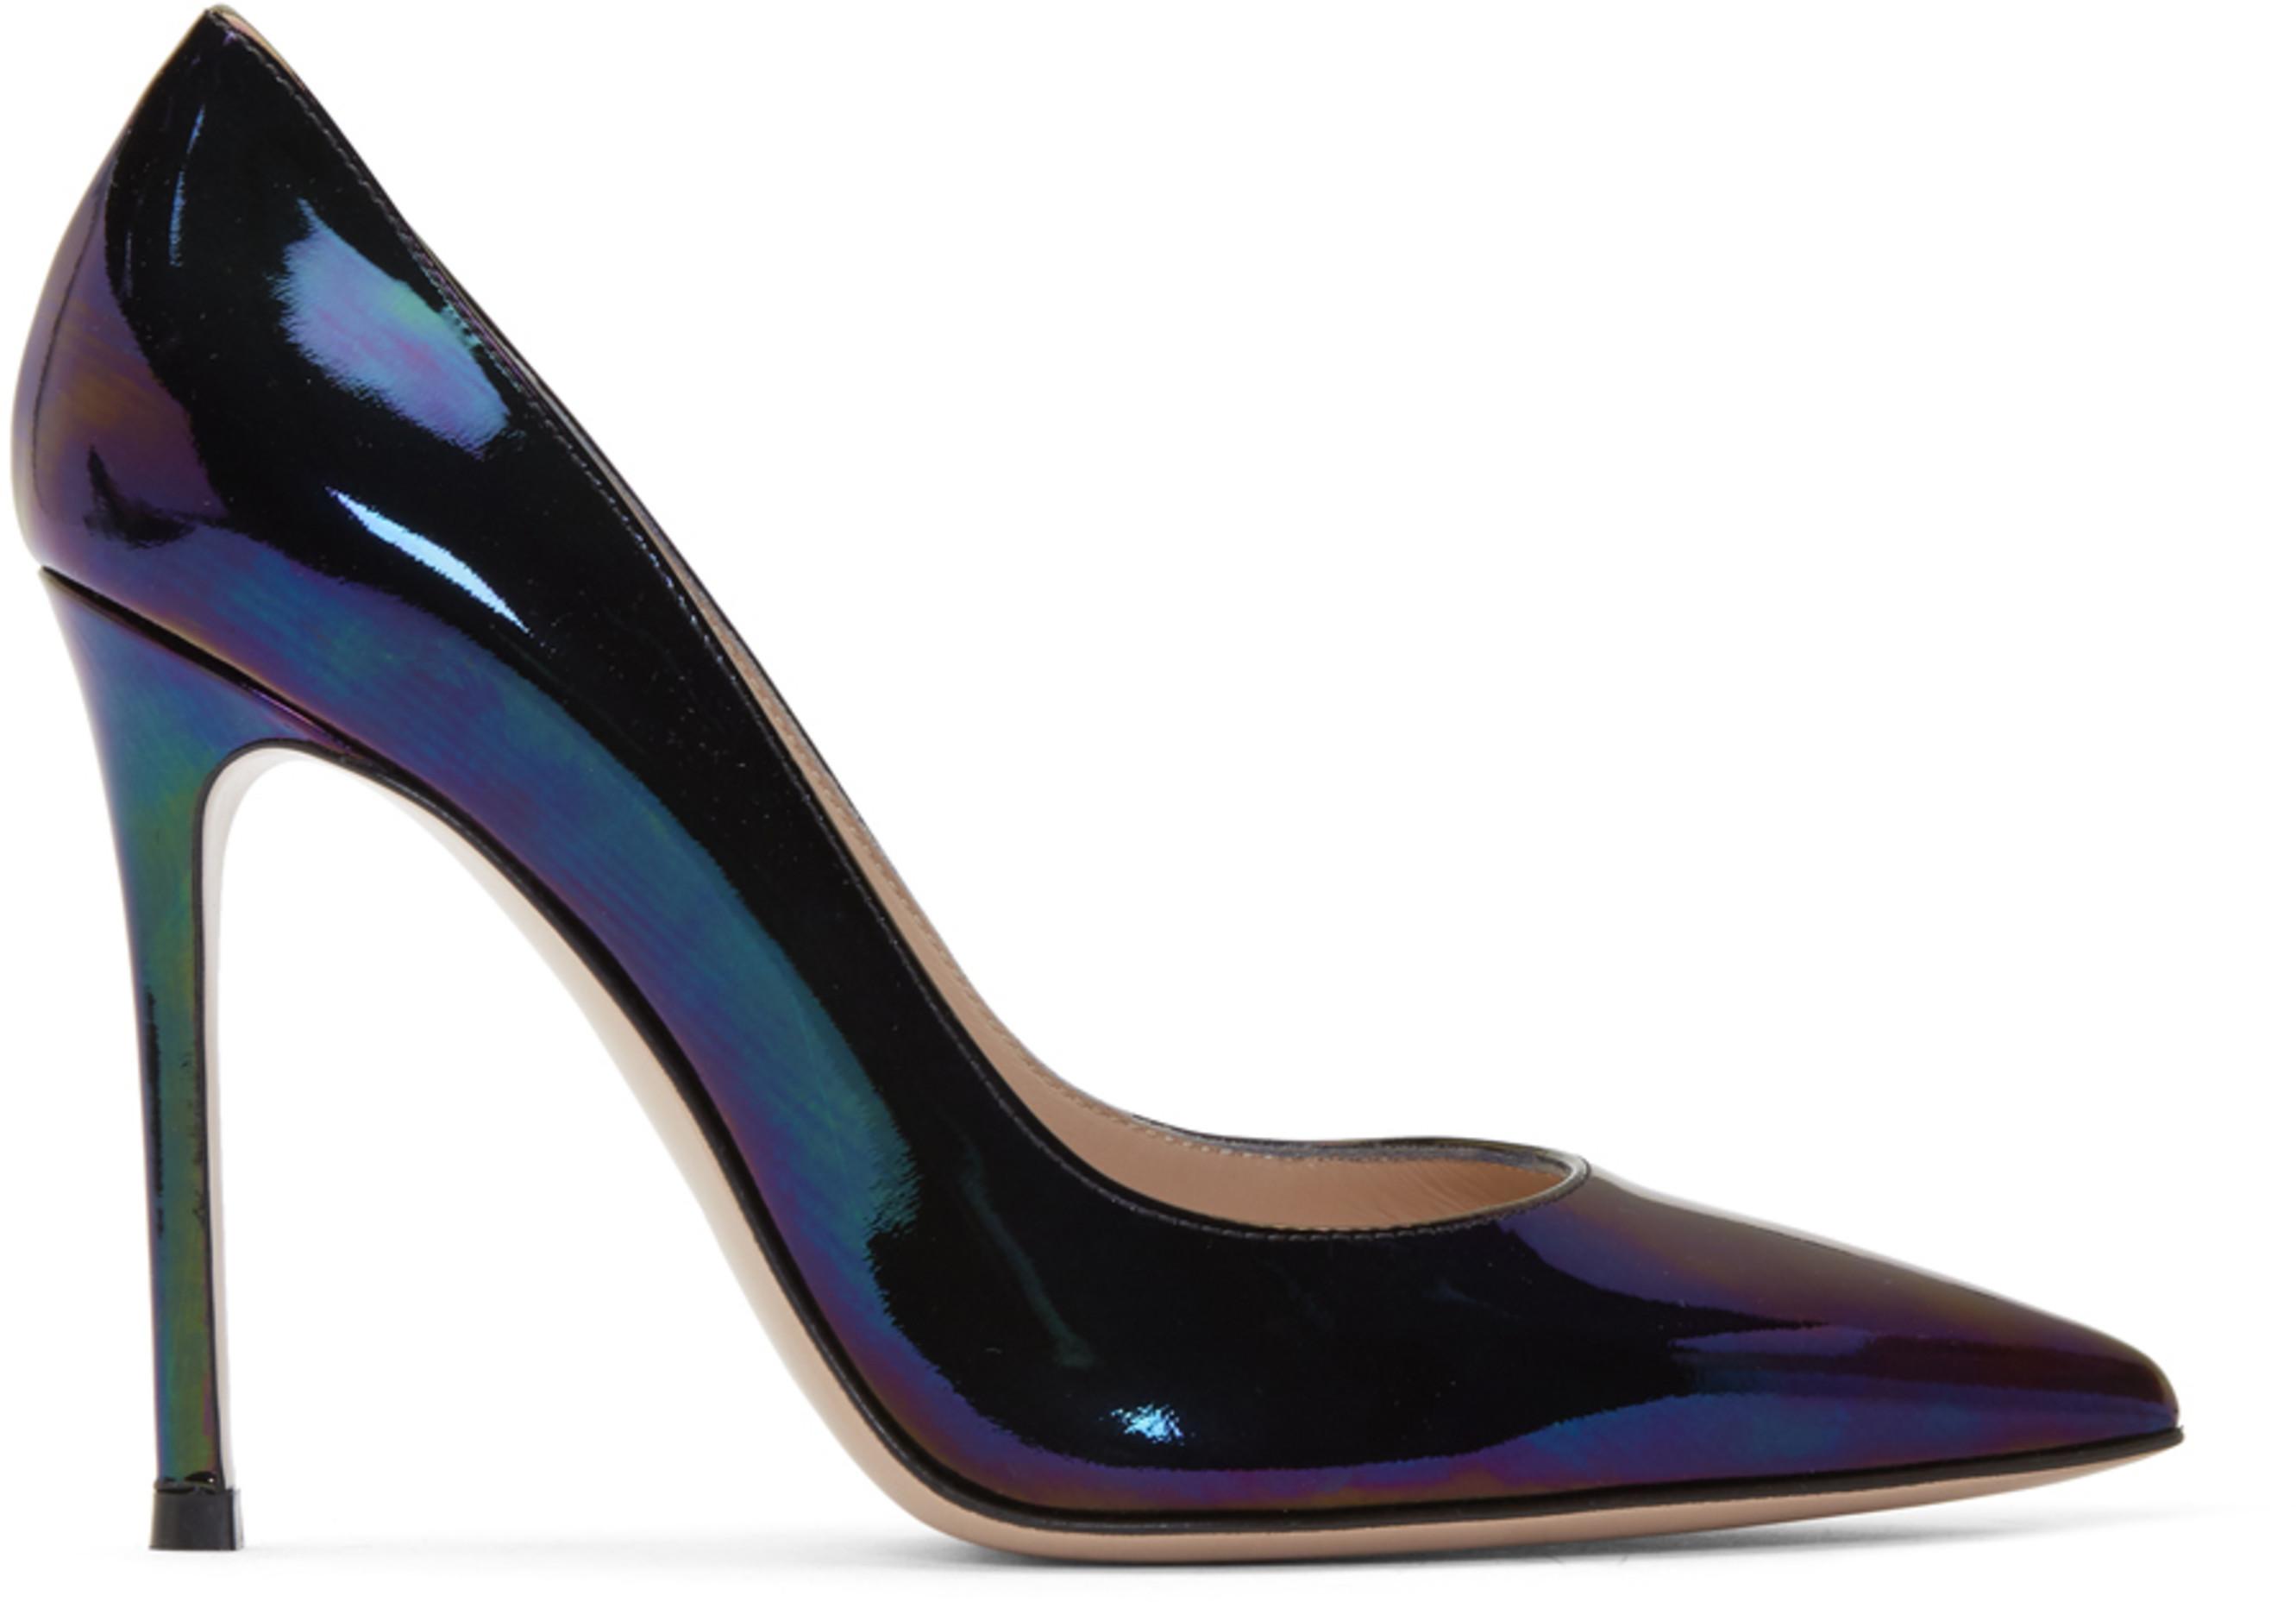 Gianvito Heels Multicolor Oil Multicolor Oil Multicolor Oil Gianvito 105 Heels 105 shCQtrxBd